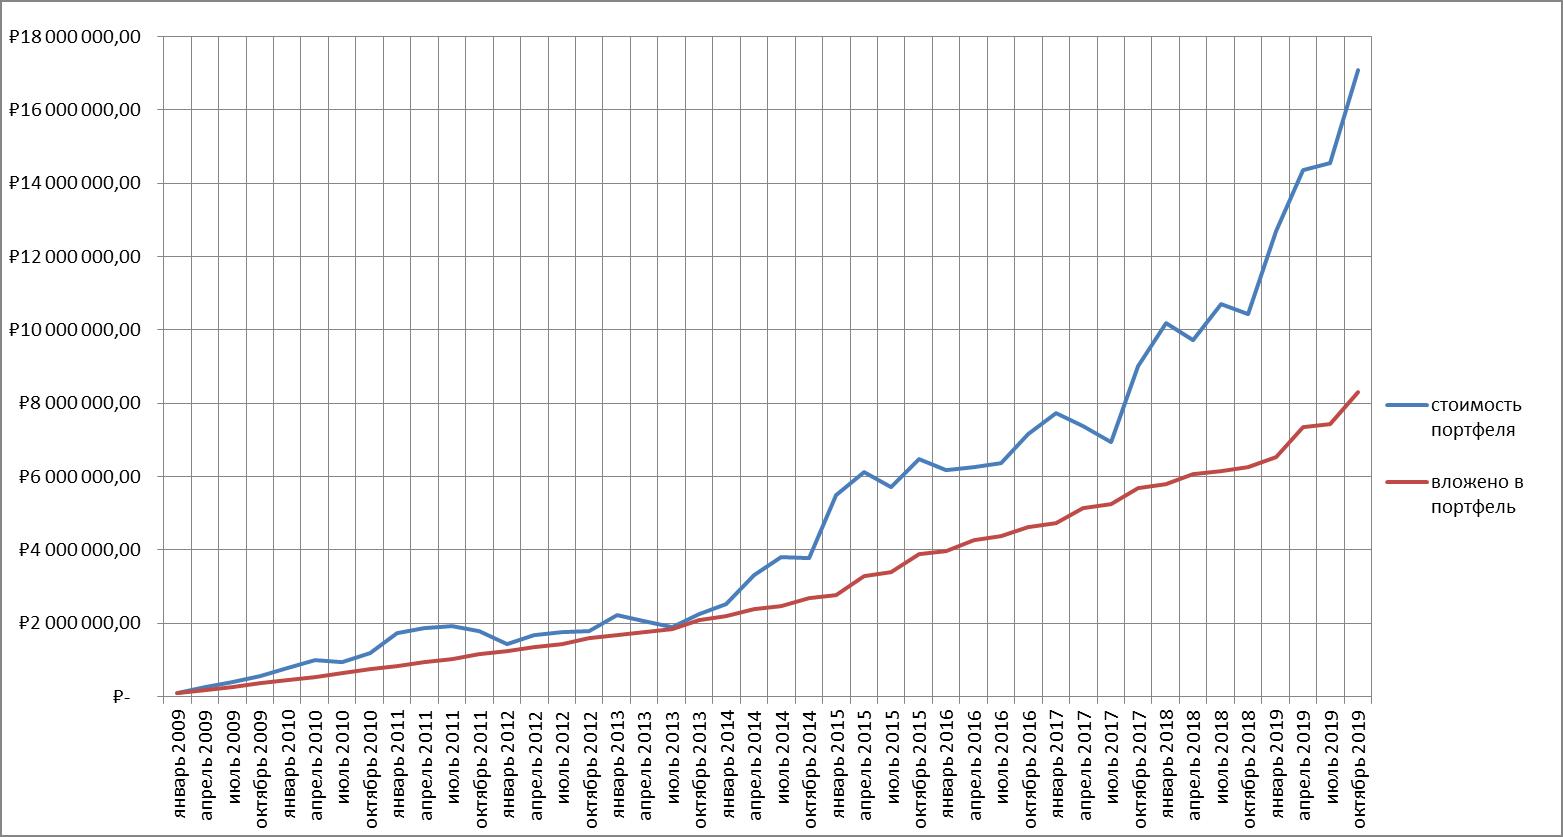 Рис. 3. График вложенных средств и стоимости портфеля